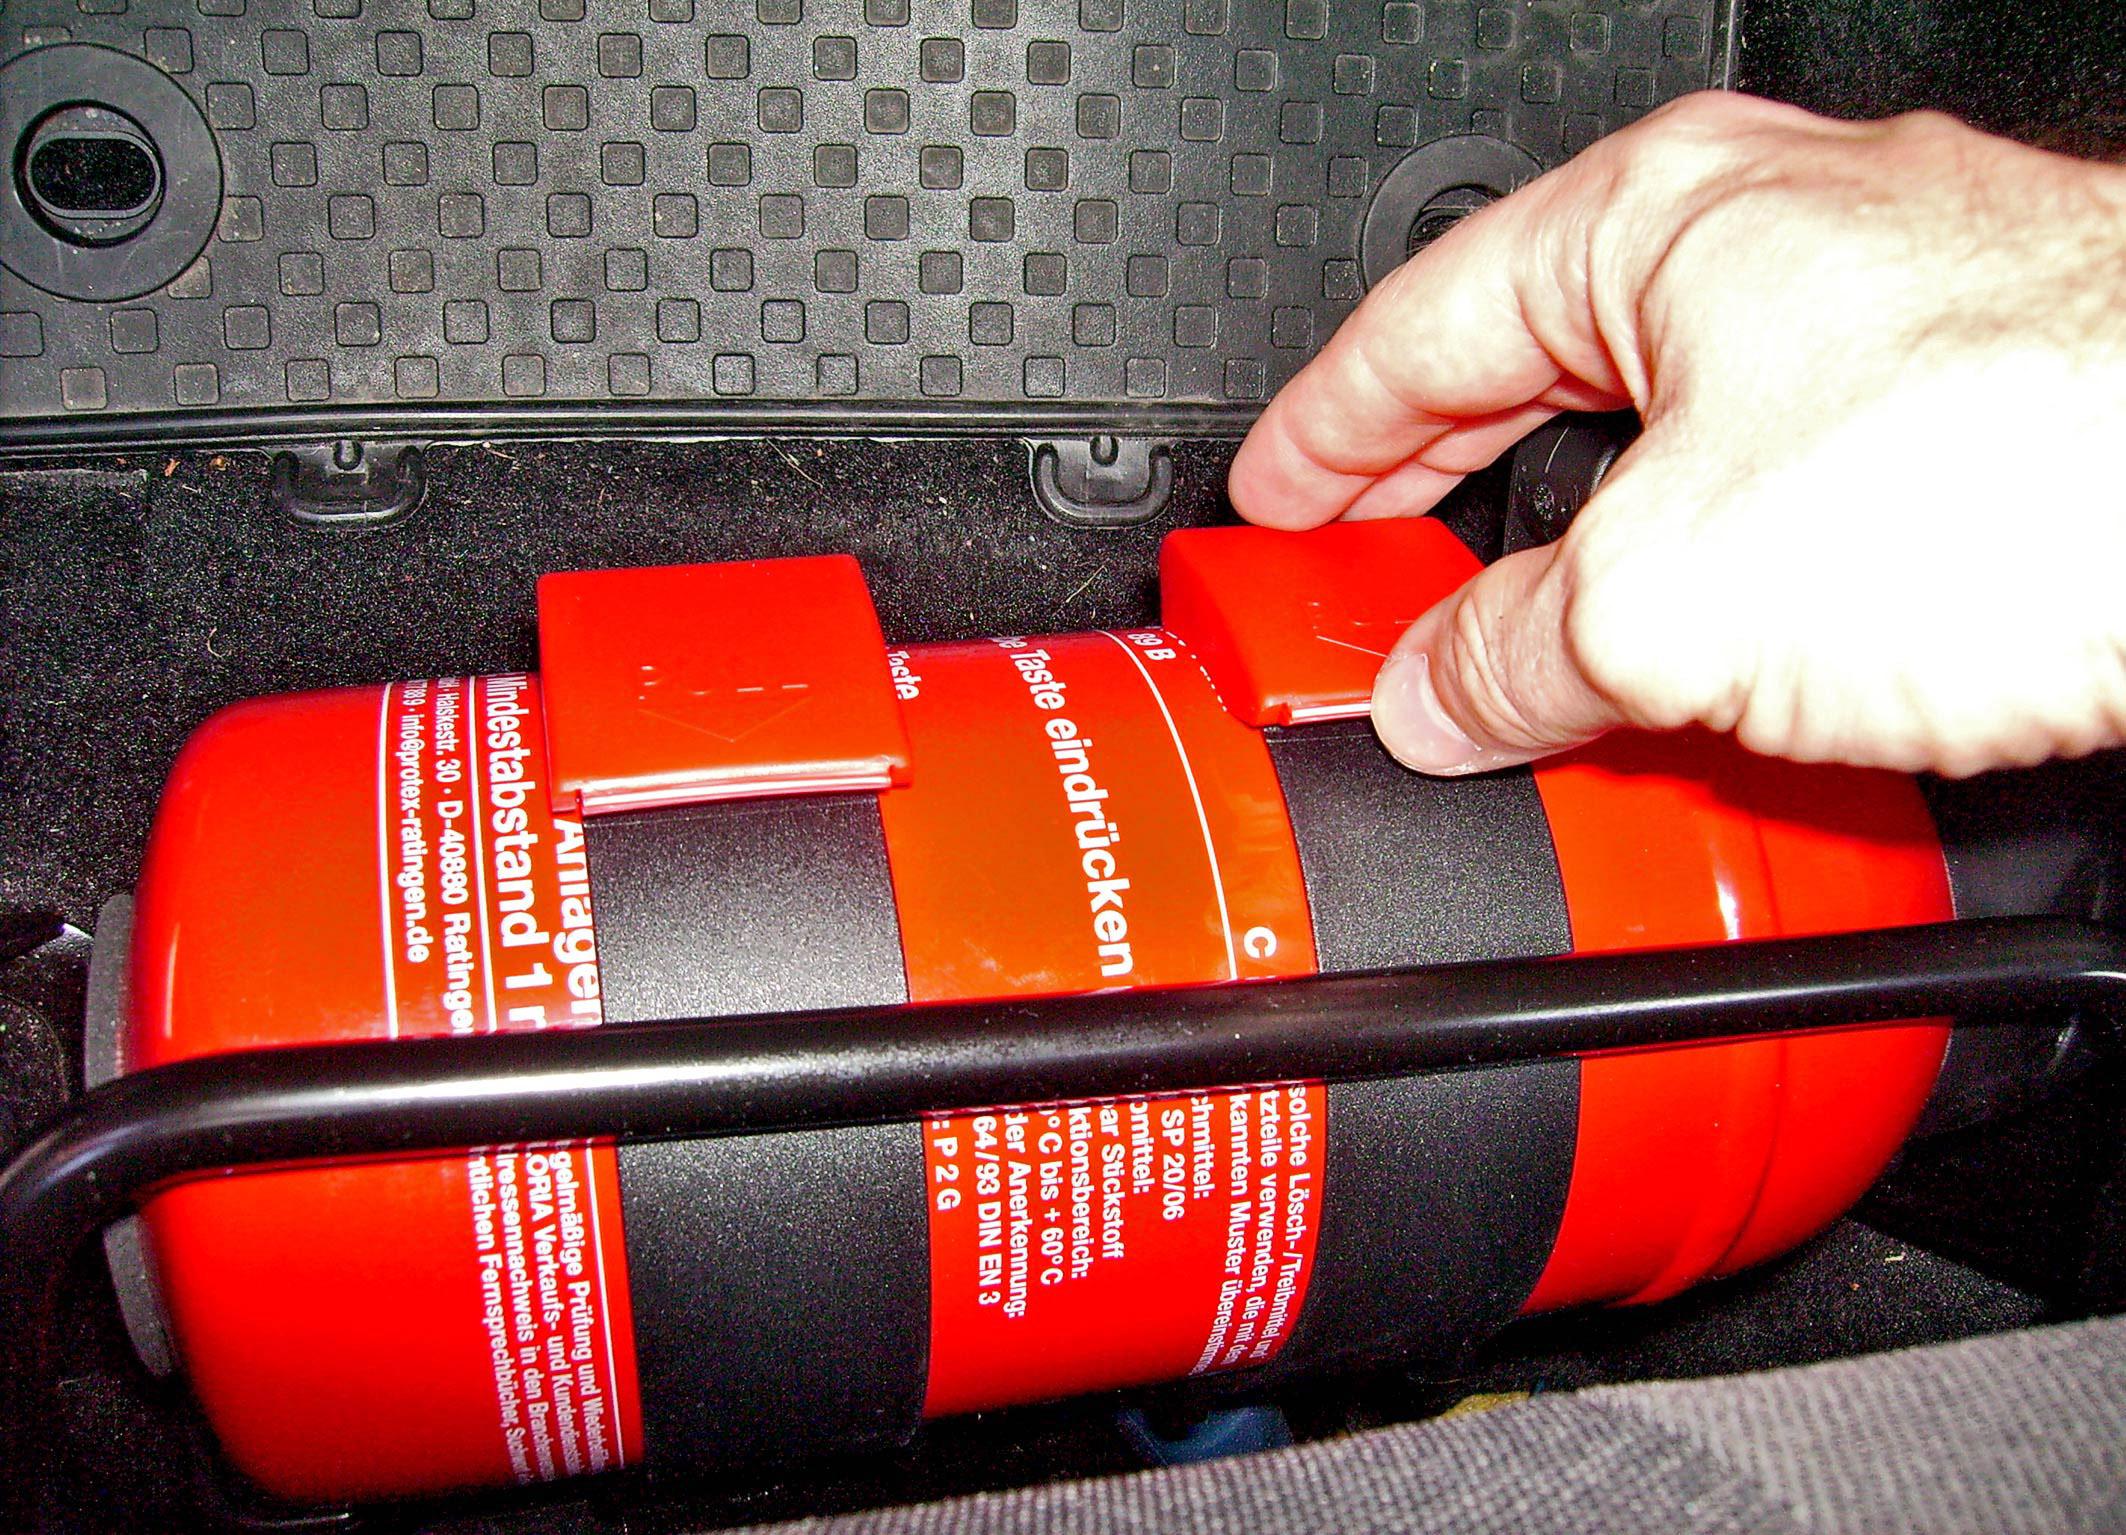 Bei Fahrzeugbränden kühlen Kopf behalten und Panikreaktionen vermeiden (Foto: Gesellschaft für Technische Überwachung GmbH)